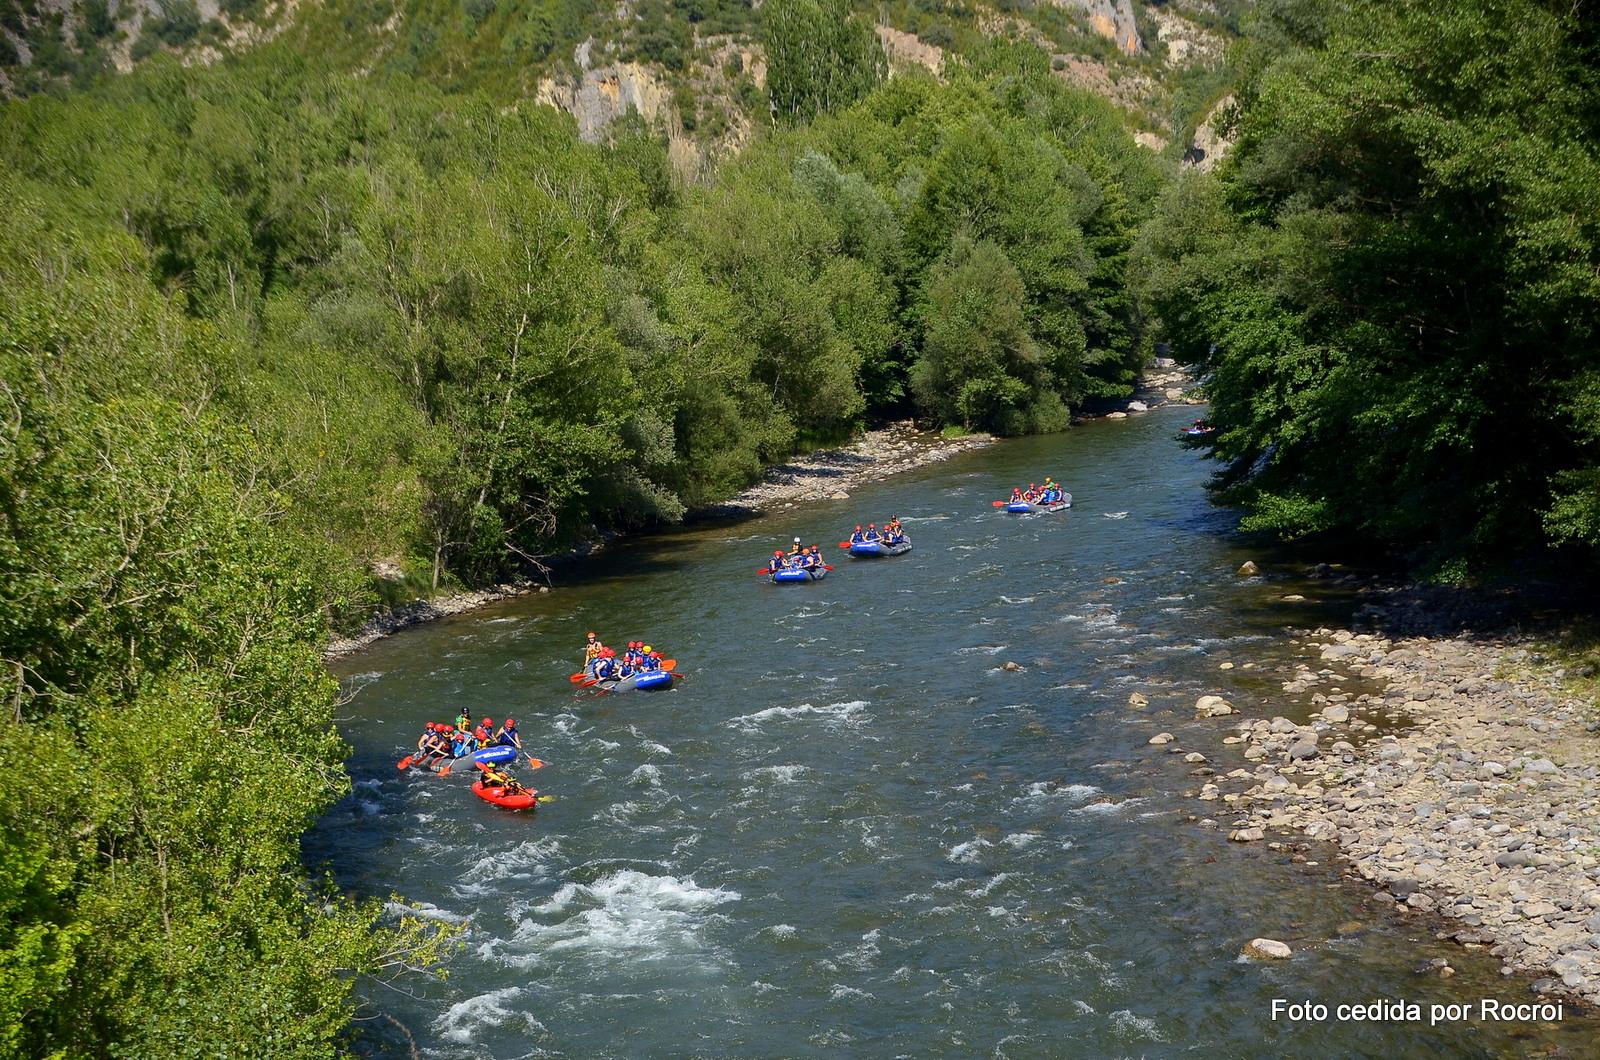 rafting en Llavorsí, río Noguera Pallares